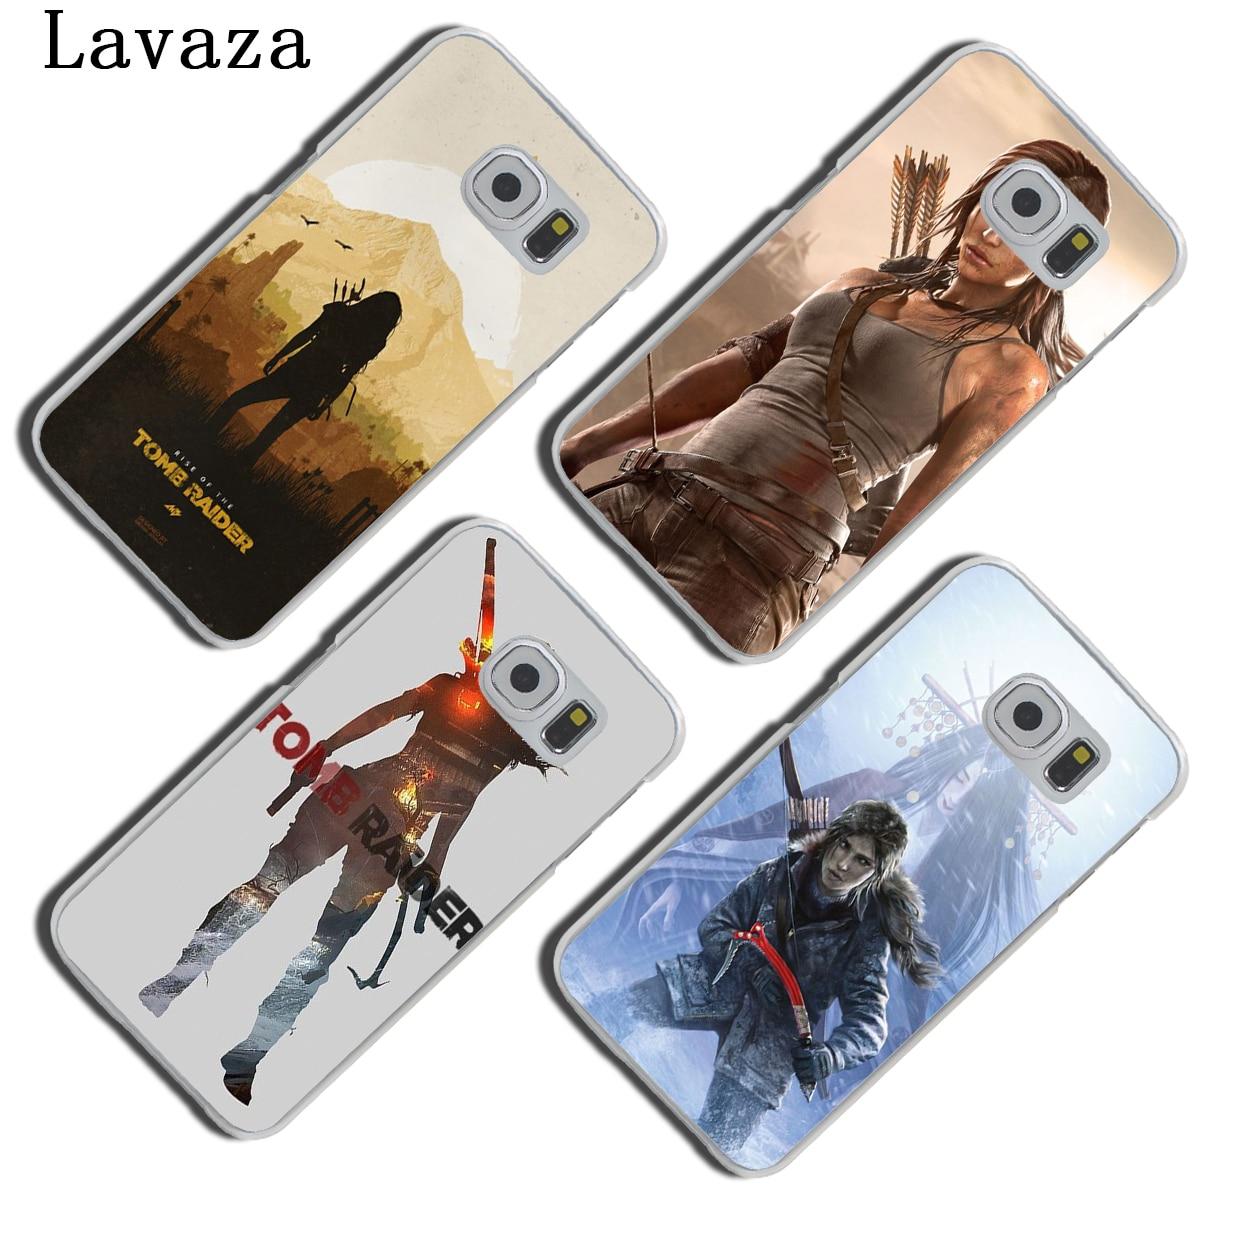 Lavaza Tomb Raider Hard Phone Cover Case for Samsung Galaxy S7 S6 Edge S3 S4 S5 Mini S8 S9 Plus Cases